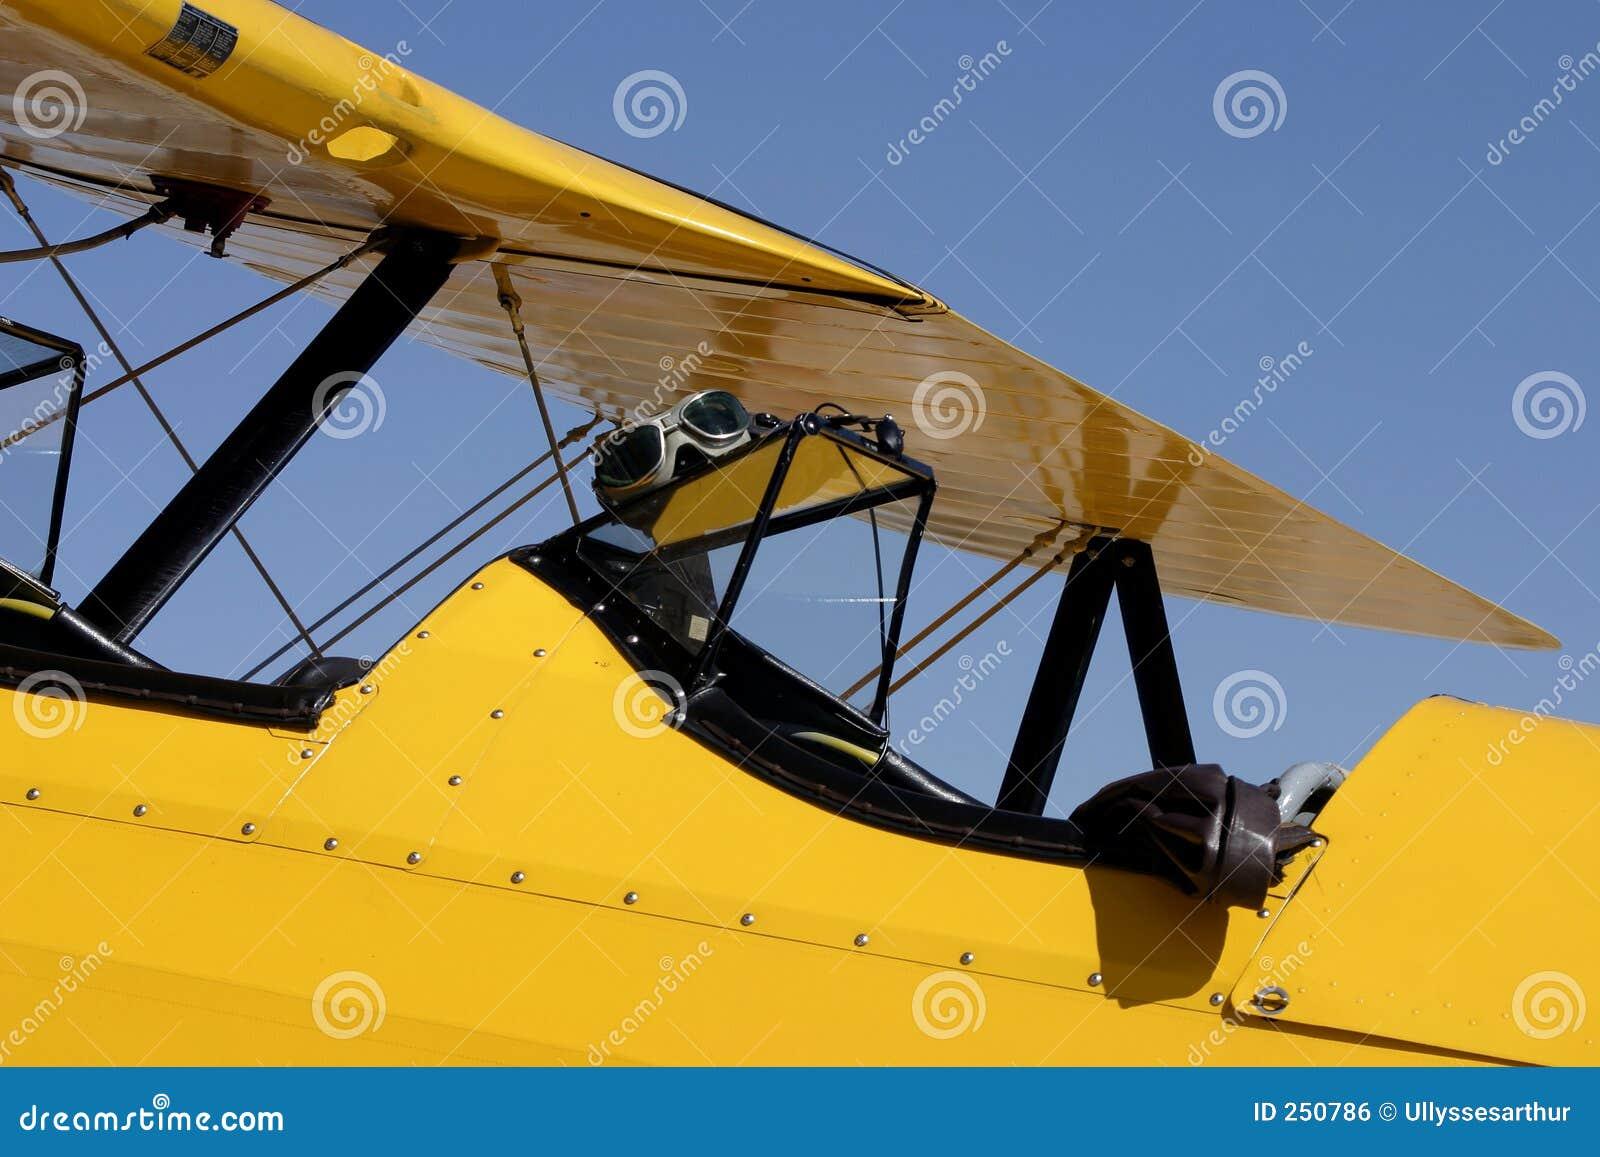 De gele Cockpit van de Tweedekker met de Beschermende brillen van de Vlucht en het Jasje van de Bommenwerper